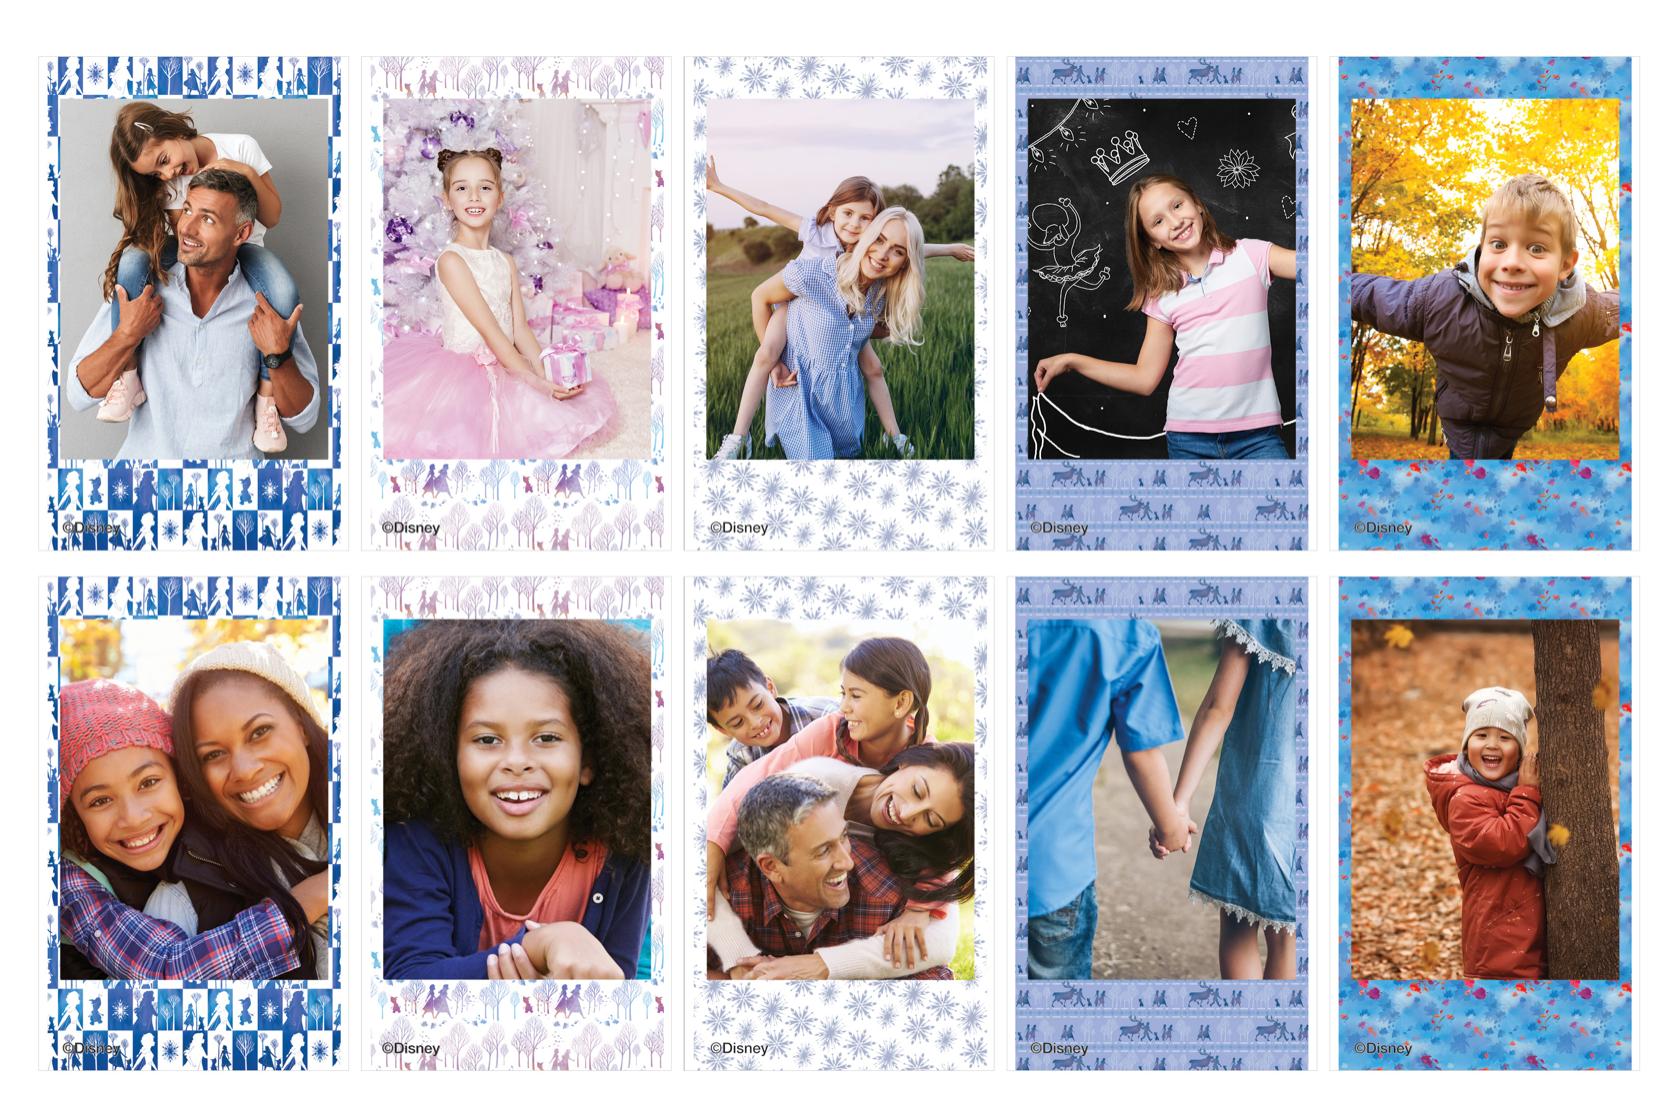 Mosaico de fotos de niños y padres en película Disney Frozen 2